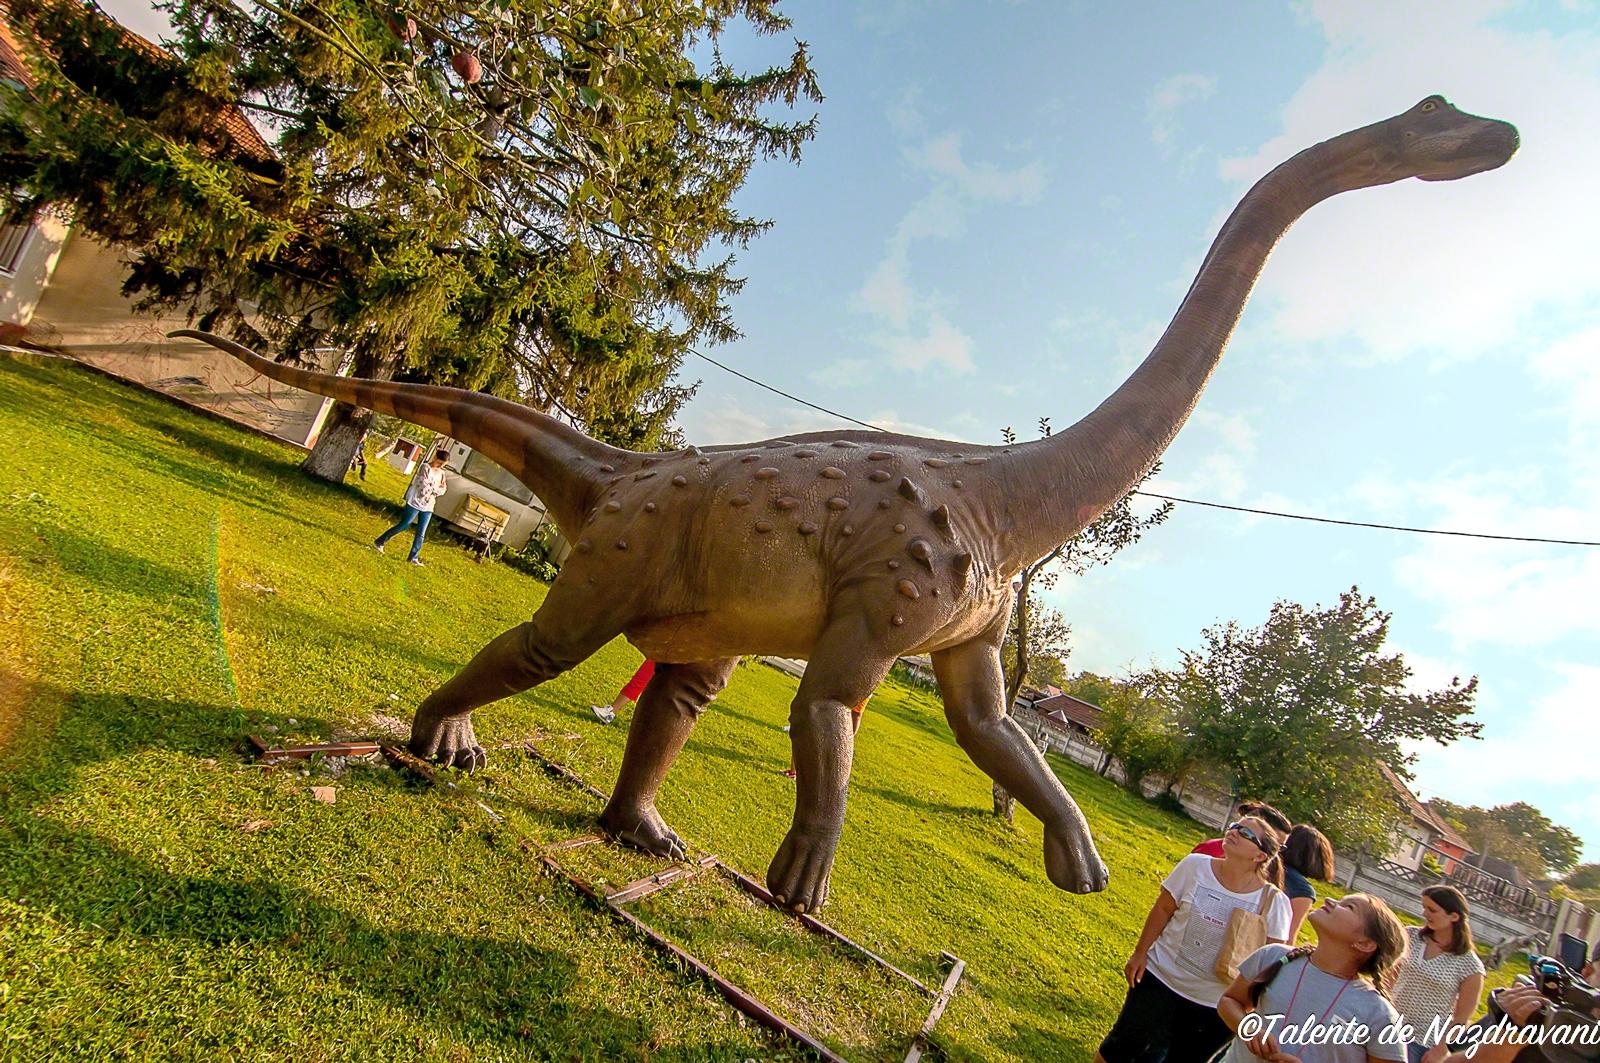 Geoparc Hateg - Macheta Magyarosaurus dacus - Centrul de Știință și Artă din comuna General Berthelot